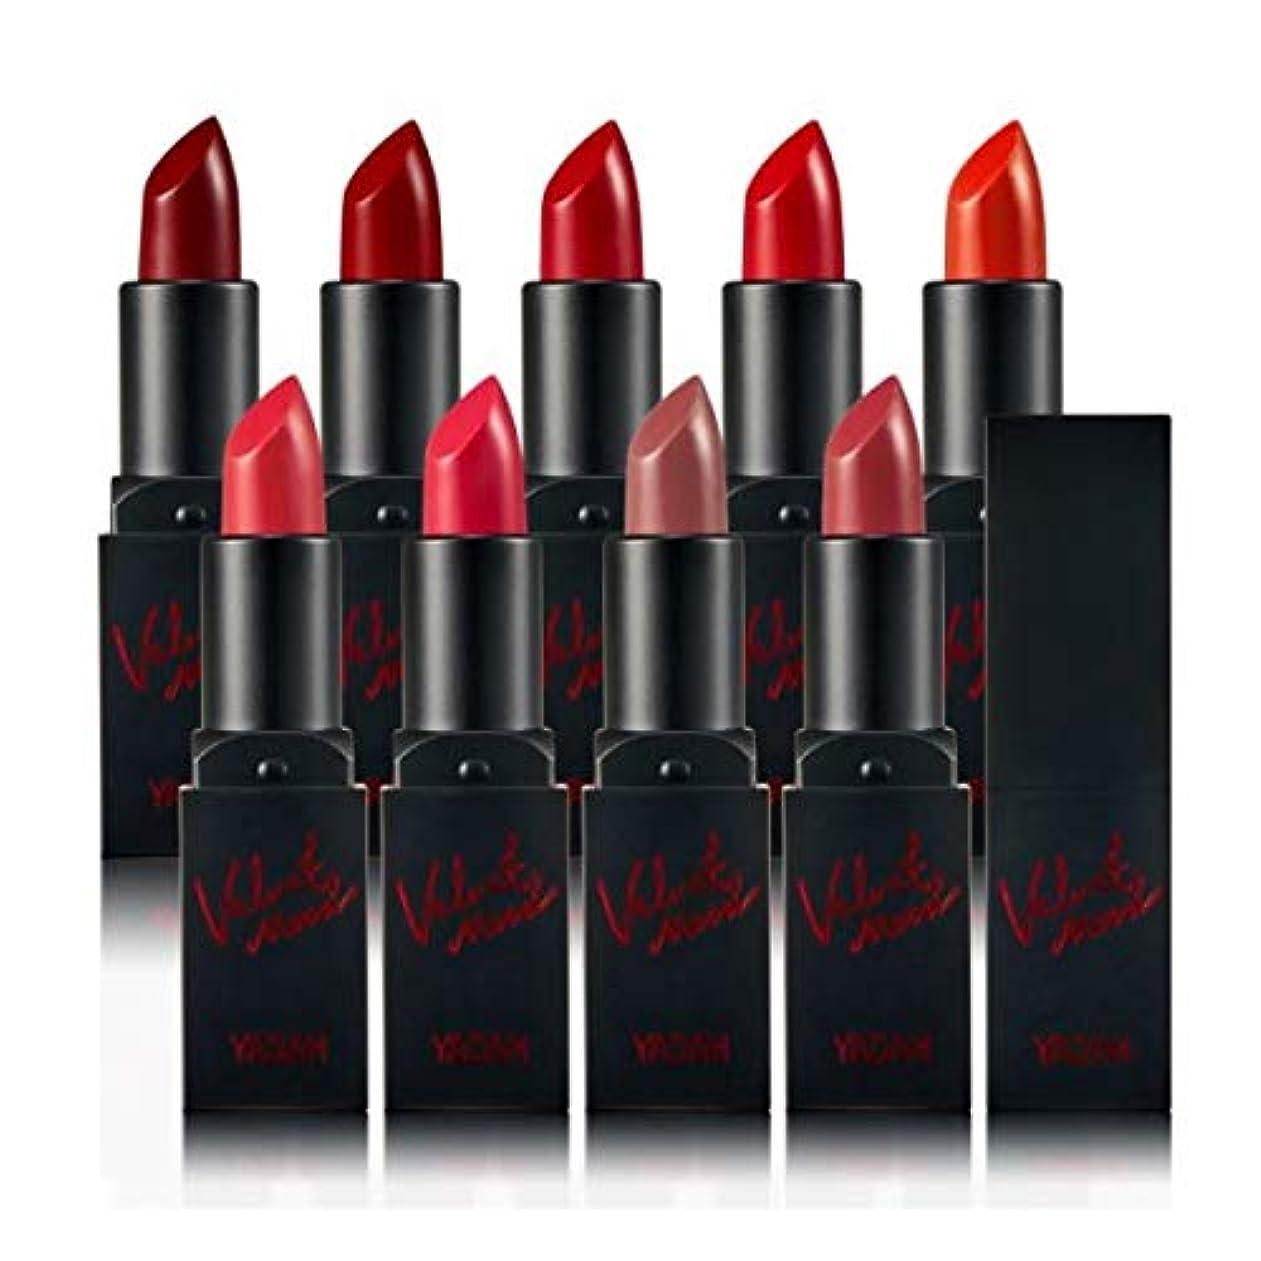 打ち上げるパラダイス病気だと思うYADAH Velvet Mood Lipstick #07 Neon Magenta 3.3g ベルベットムードマットリップスティック - 3.3g[並行輸入品]